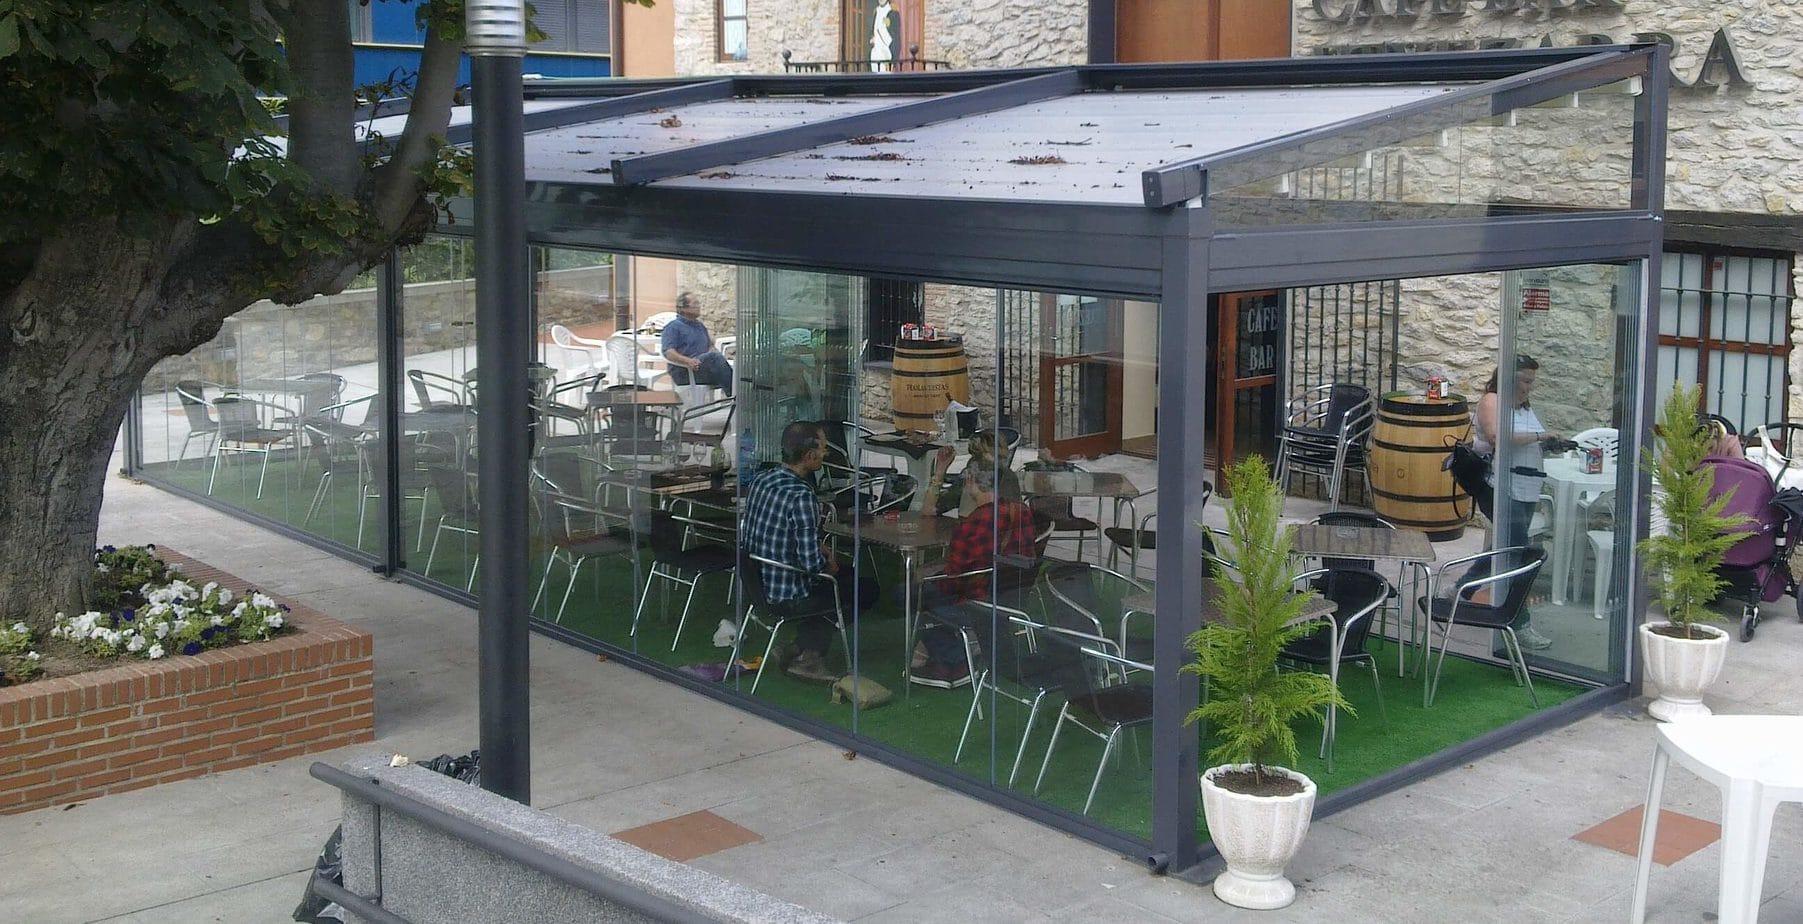 Toldos y cortina para locales restaurantes